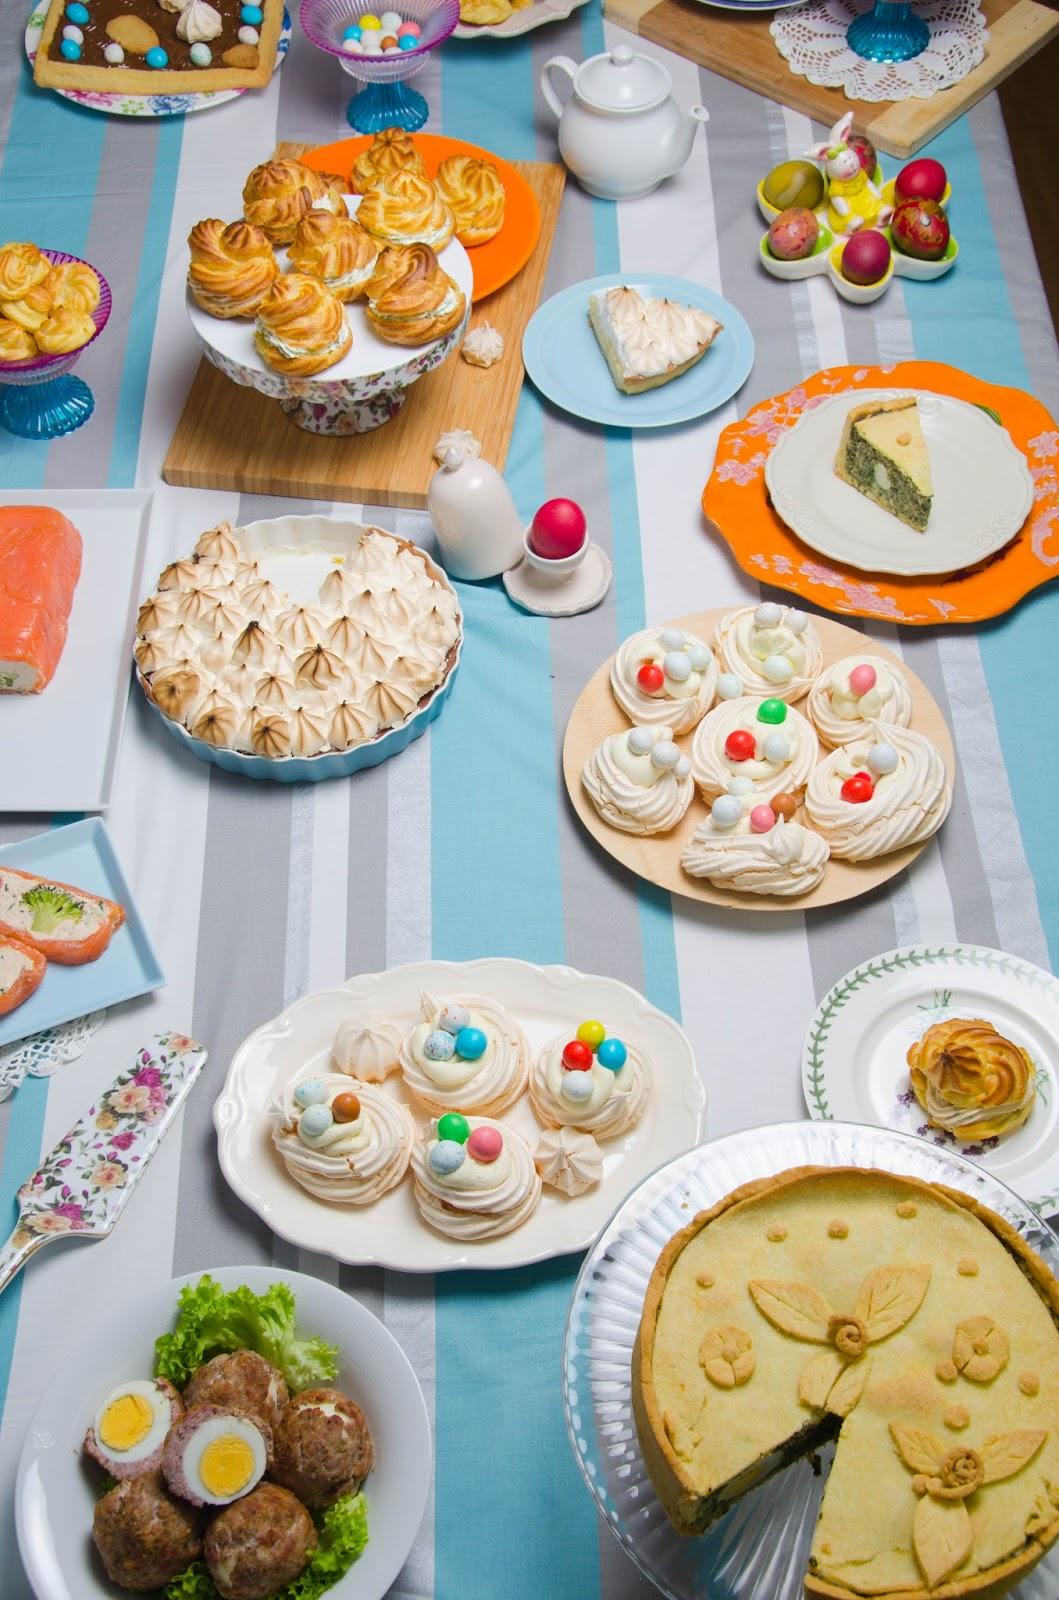 Święta Wielkanocne, kilka propozycji i harmonogram prac kuchennych